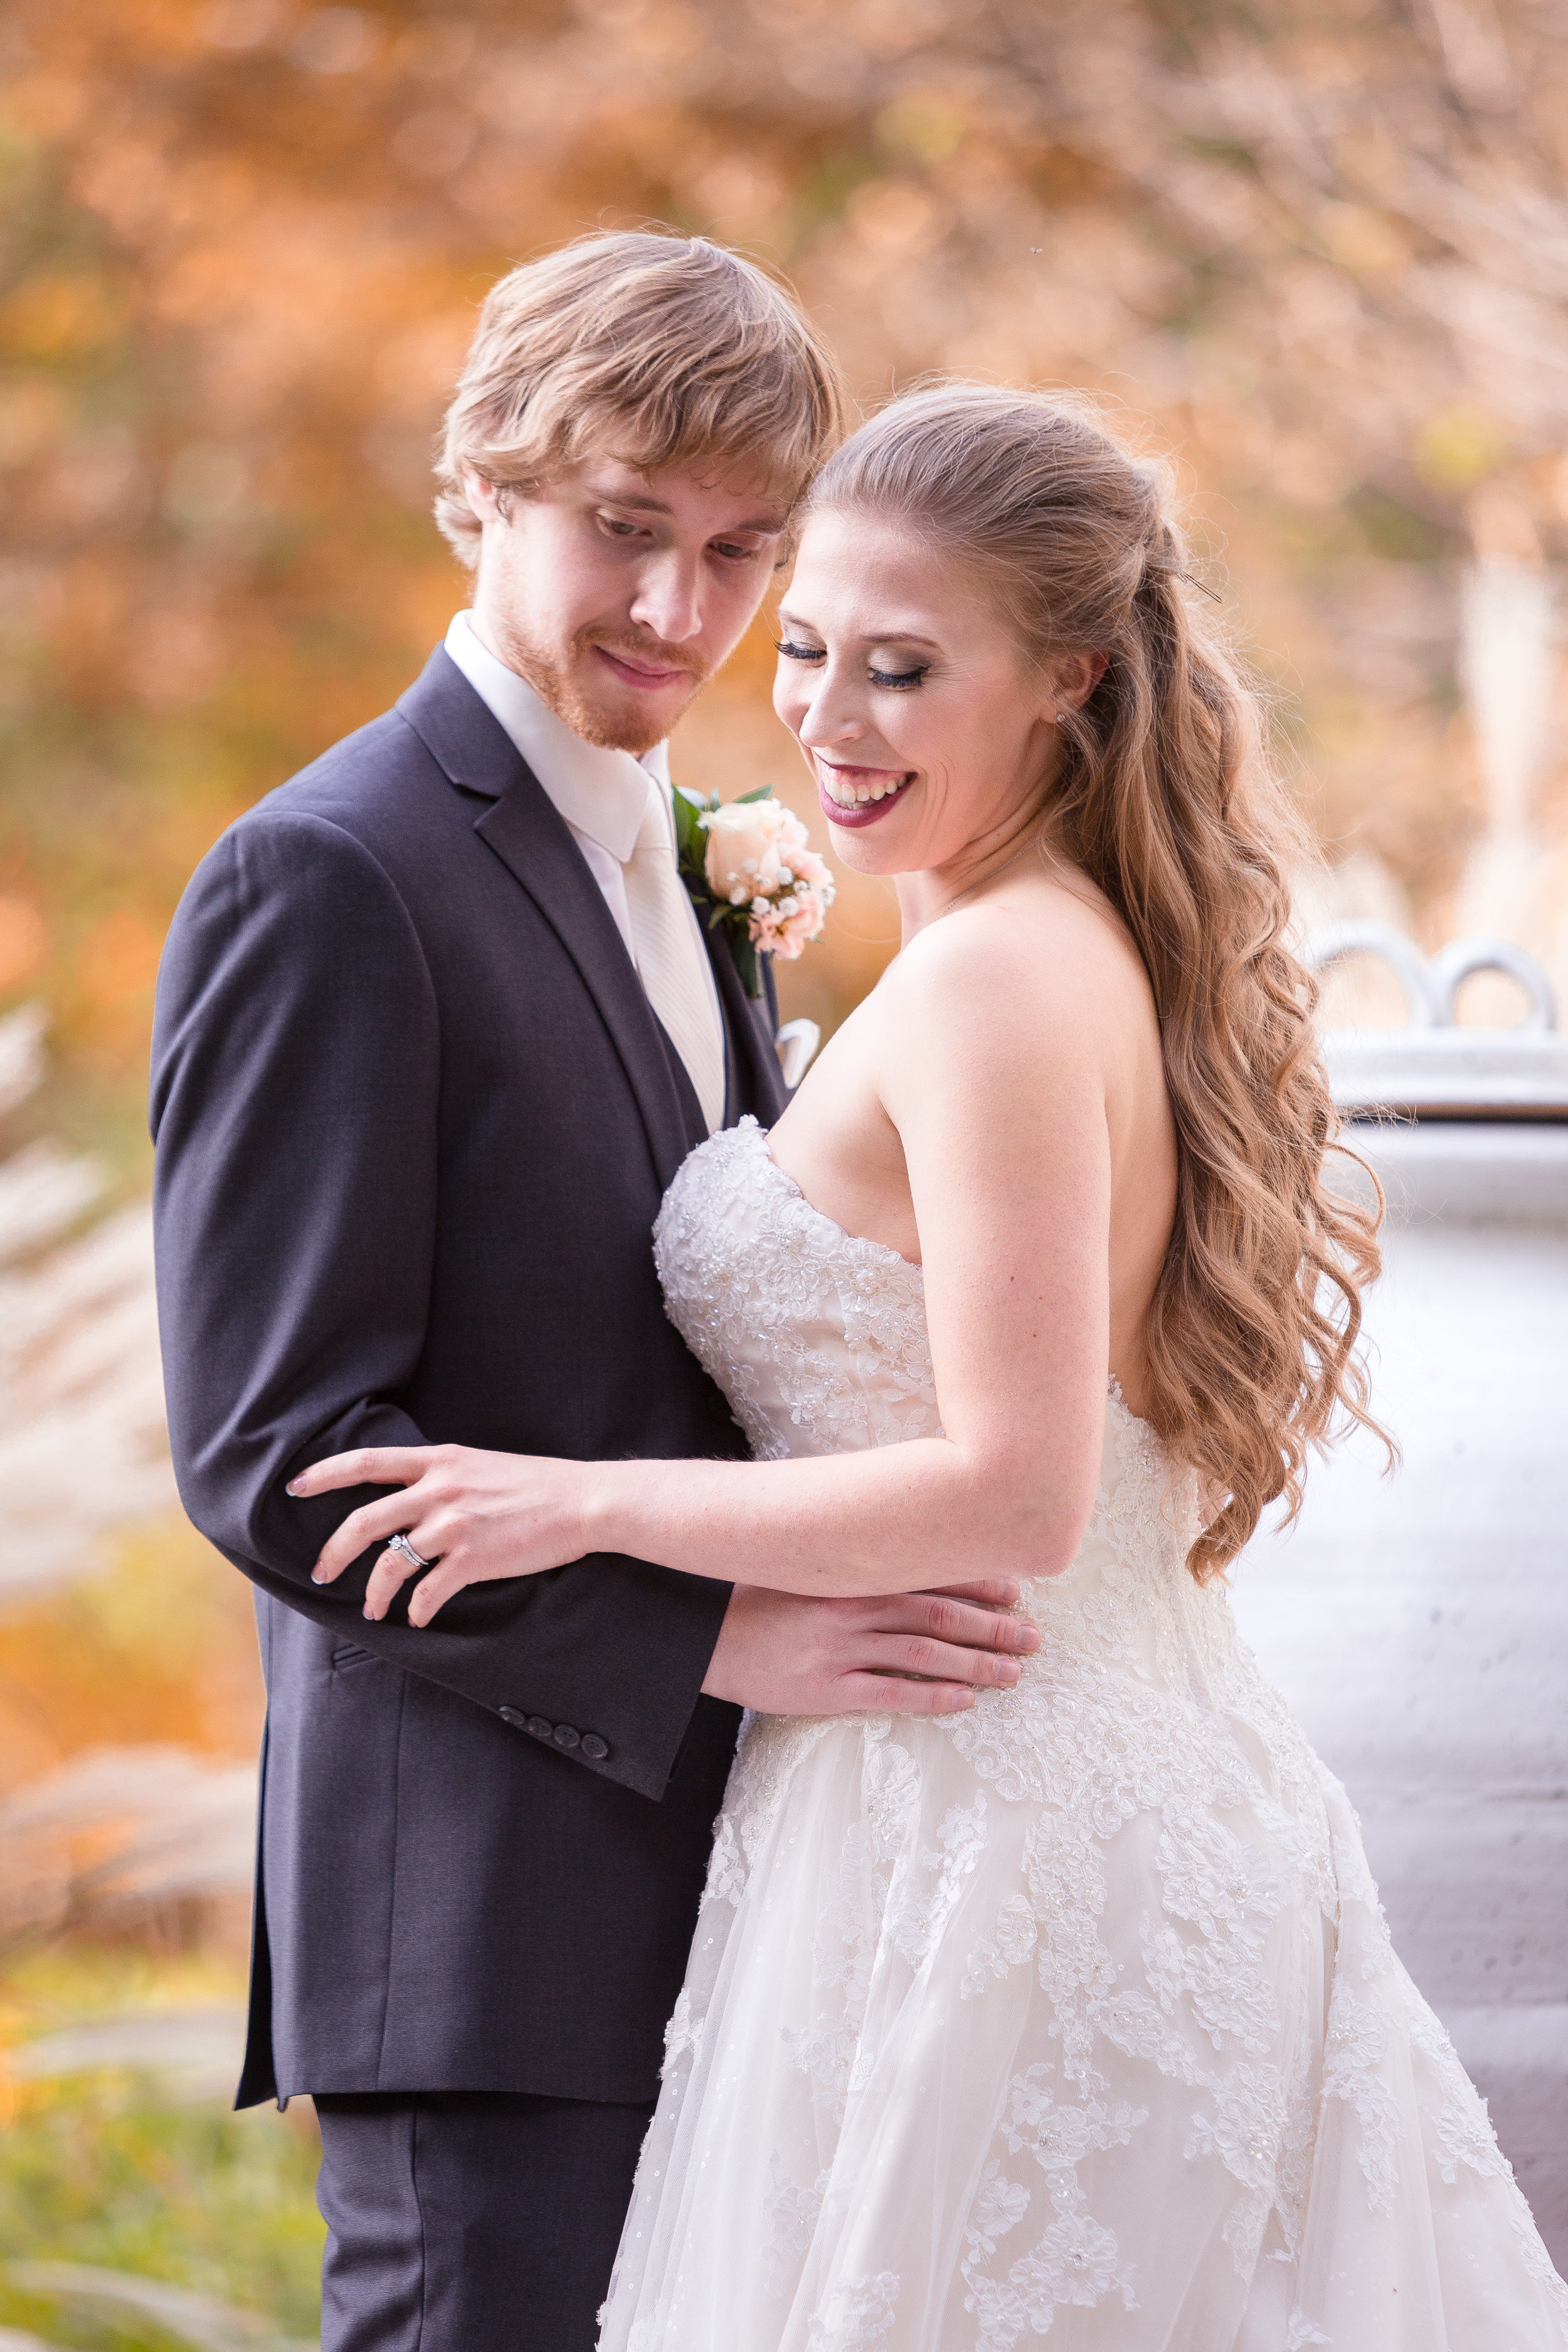 C_Wedding_Spellman, Megan & Tyler_10.27.18-803.JPG